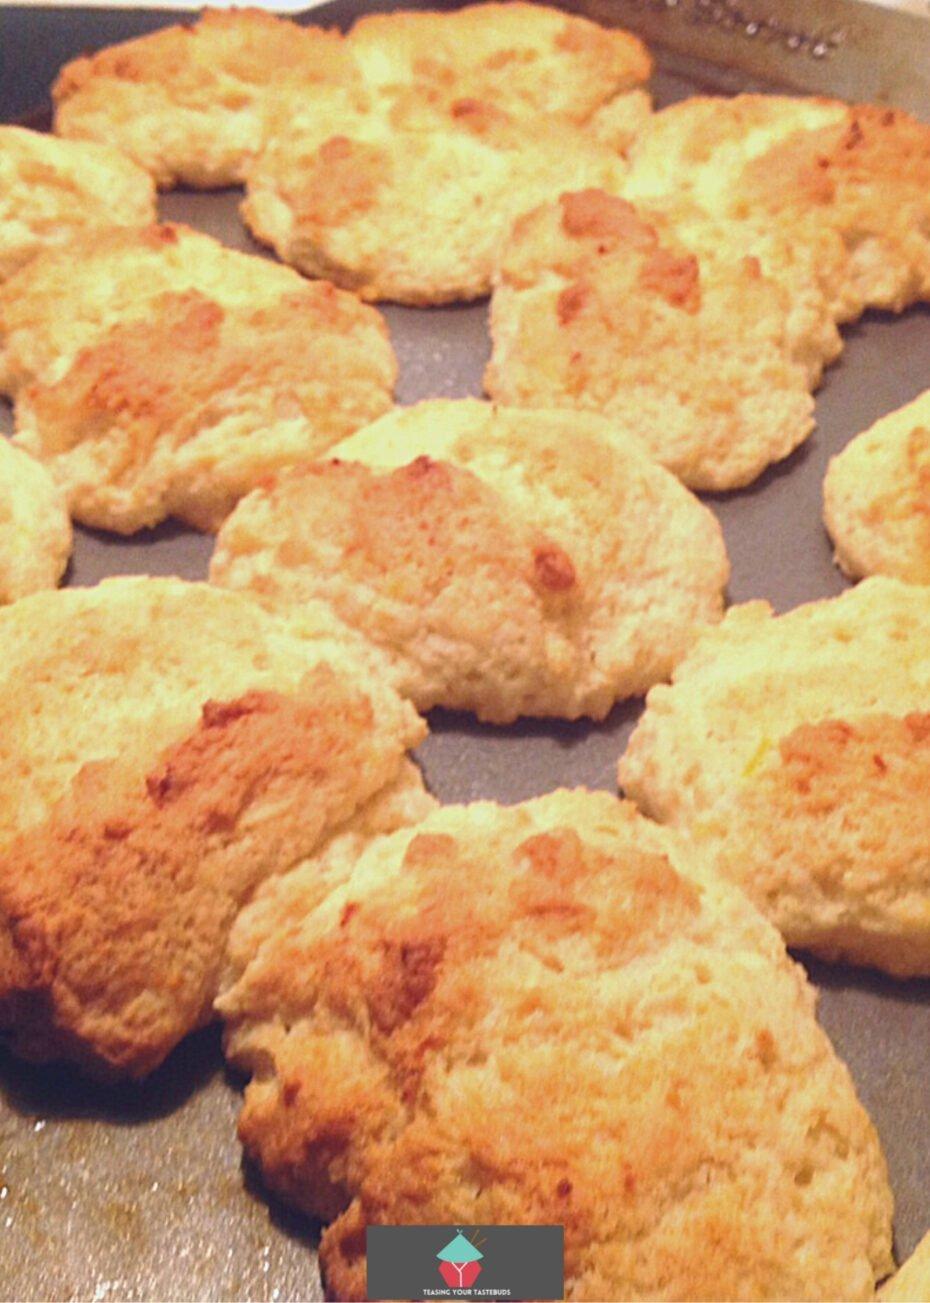 Lemon Scones, baked